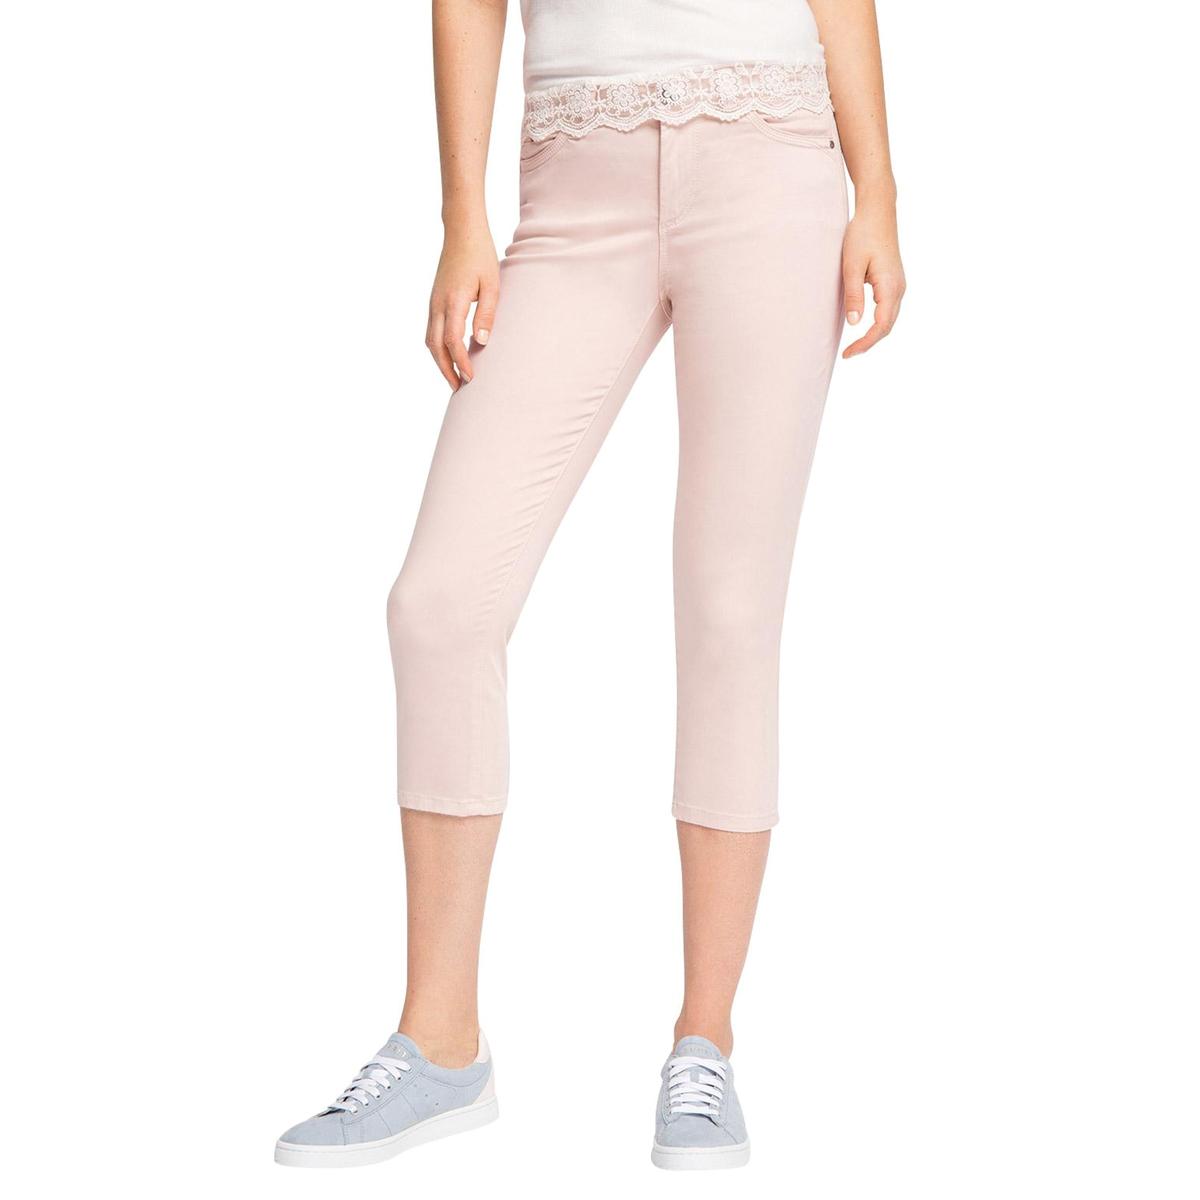 Брюки-скинни короткие, 65% хлопка брюки esprit брюки